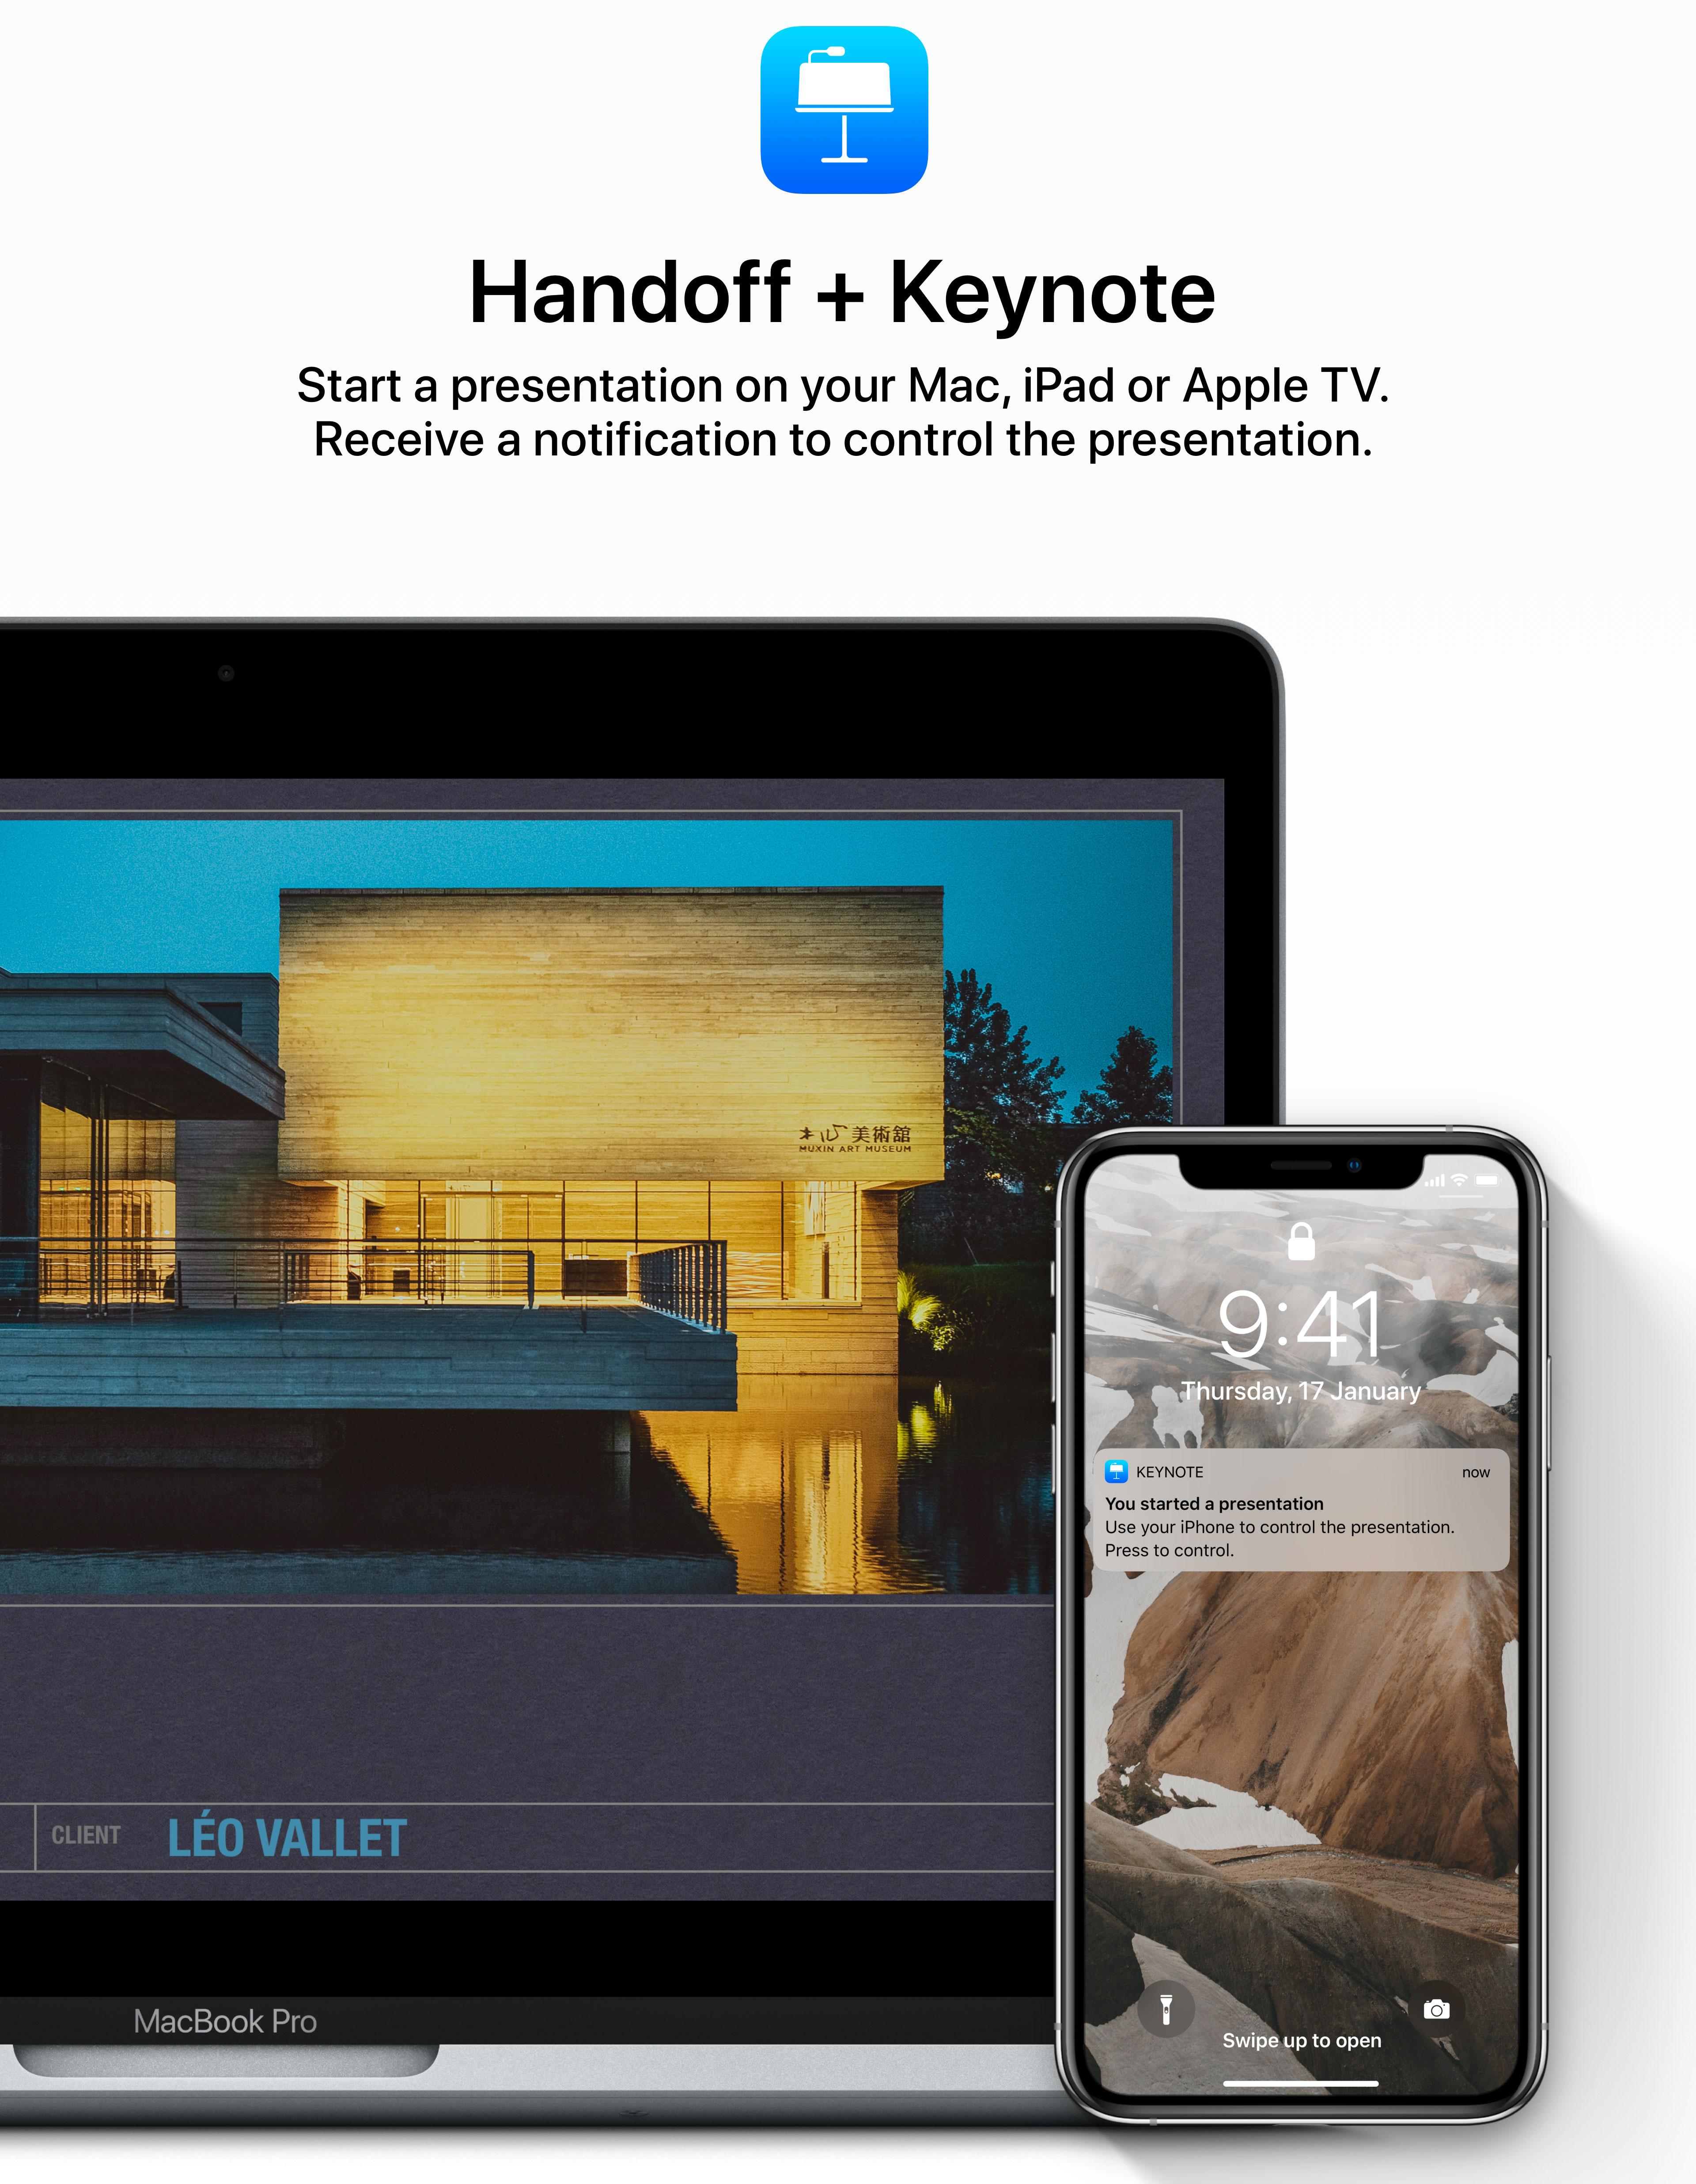 Concepto de diseño de iOS 13: iPhone como mando remoto de presentaciones de Keynote